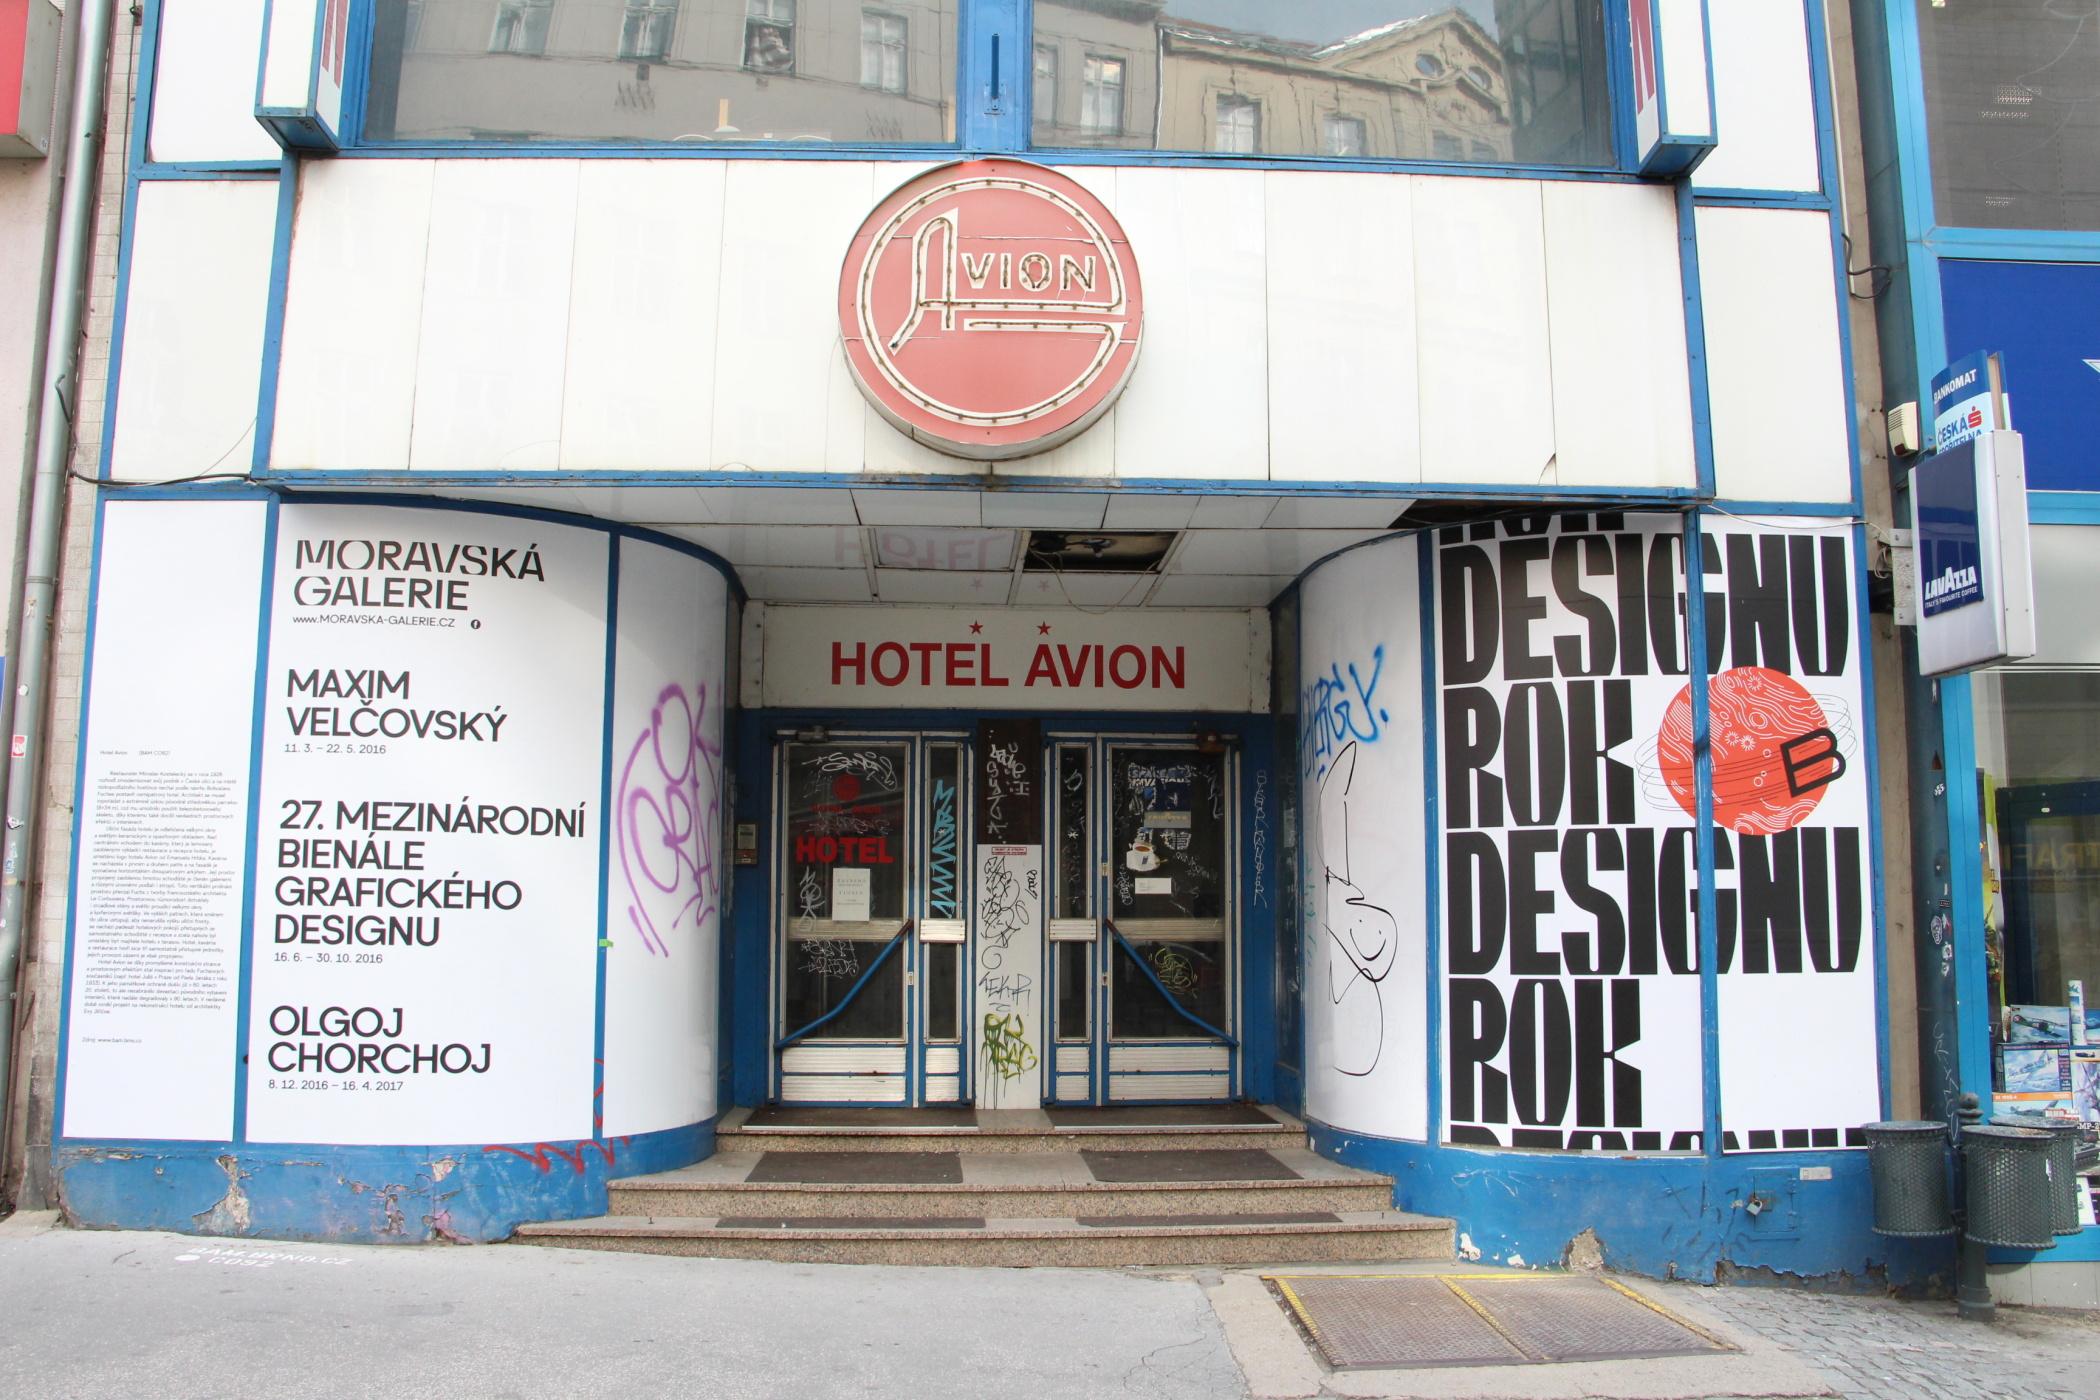 Funkcionalistický hotel Avion v centru Brna čeká rekonstrukce